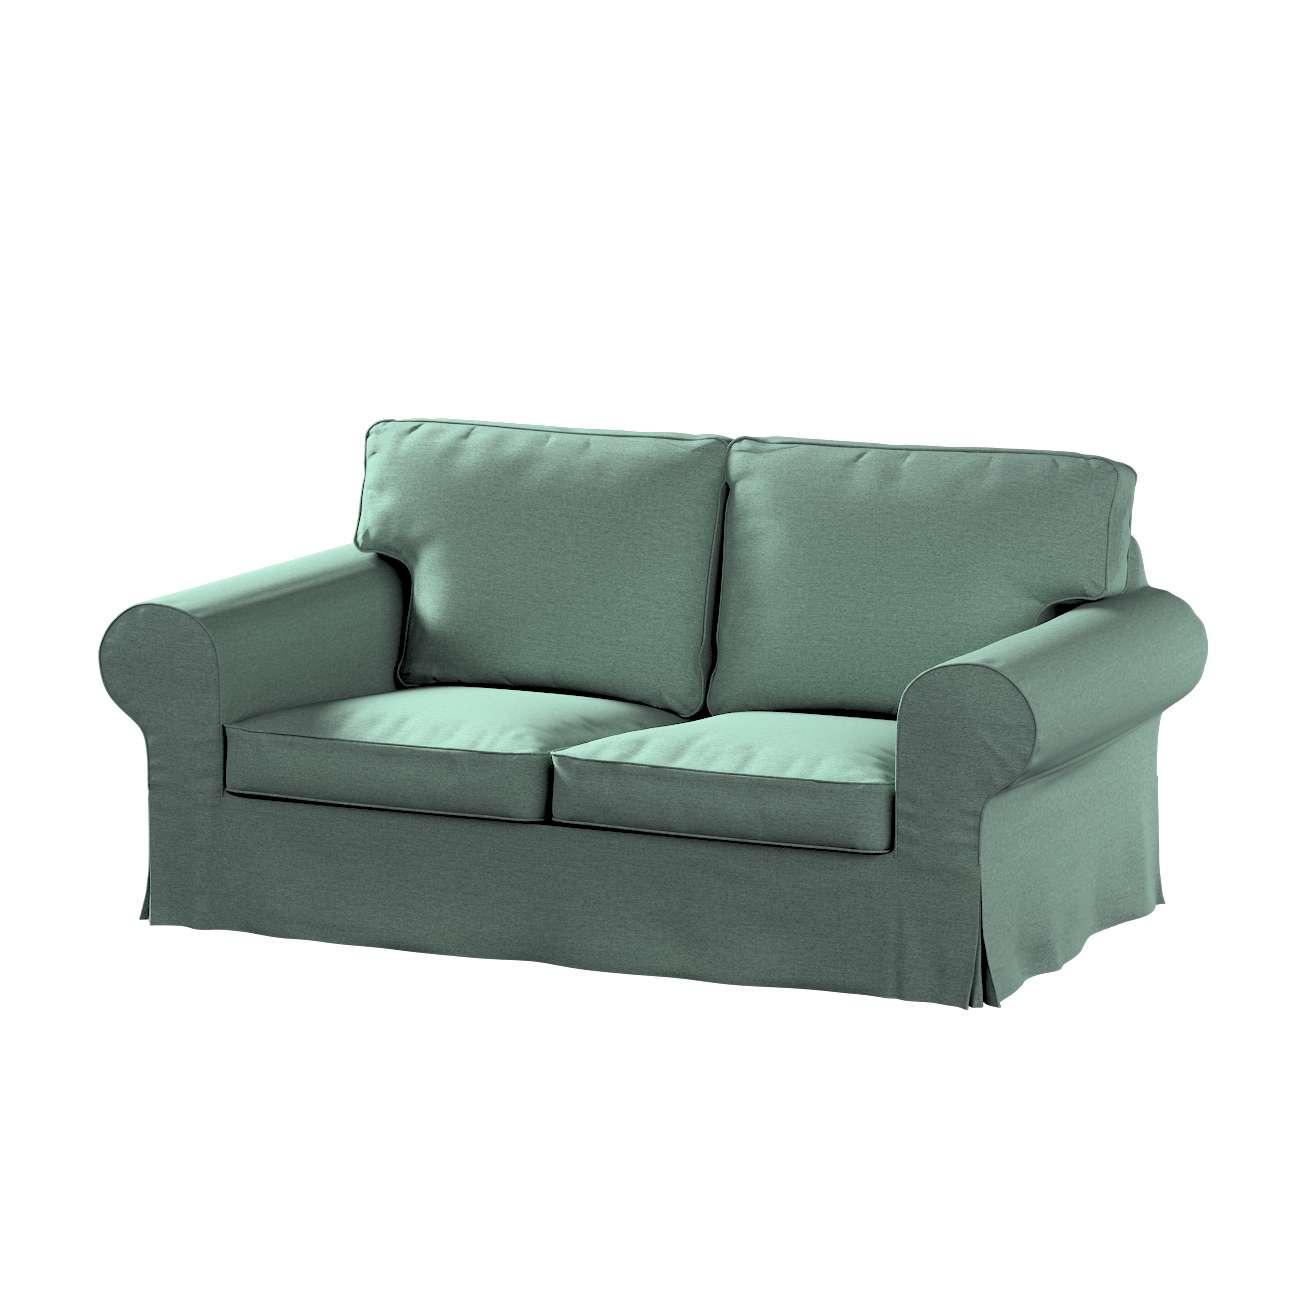 Pokrowiec na sofę Ektorp 2-osobową, nierozkładaną w kolekcji Madrid, tkanina: 161-89